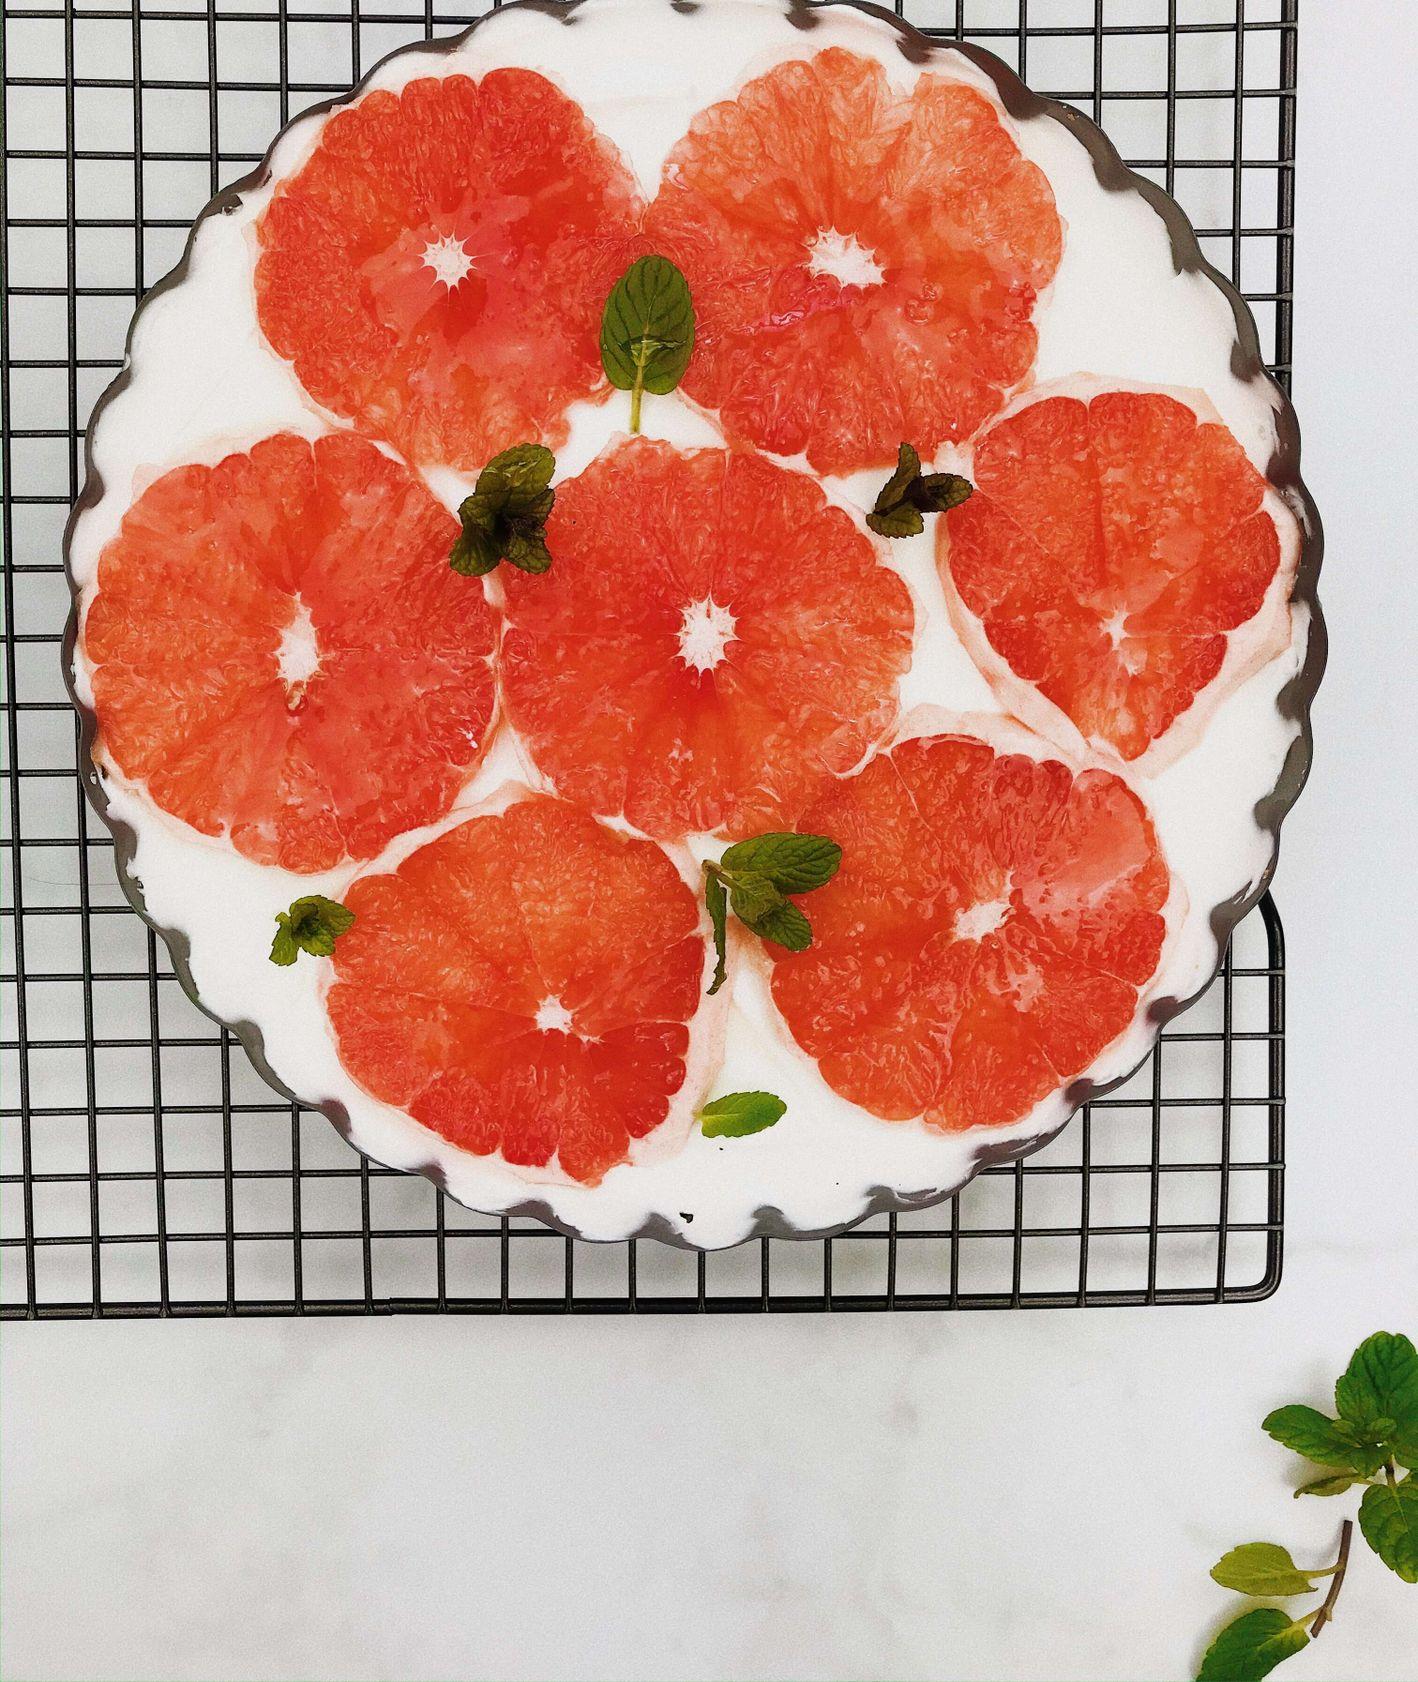 Deser na bazie kremu z serka mascarpone, z chrupiącymi herbatrnikami i grejpfrutem, przepis Izabela Heftowicz / PassionOn